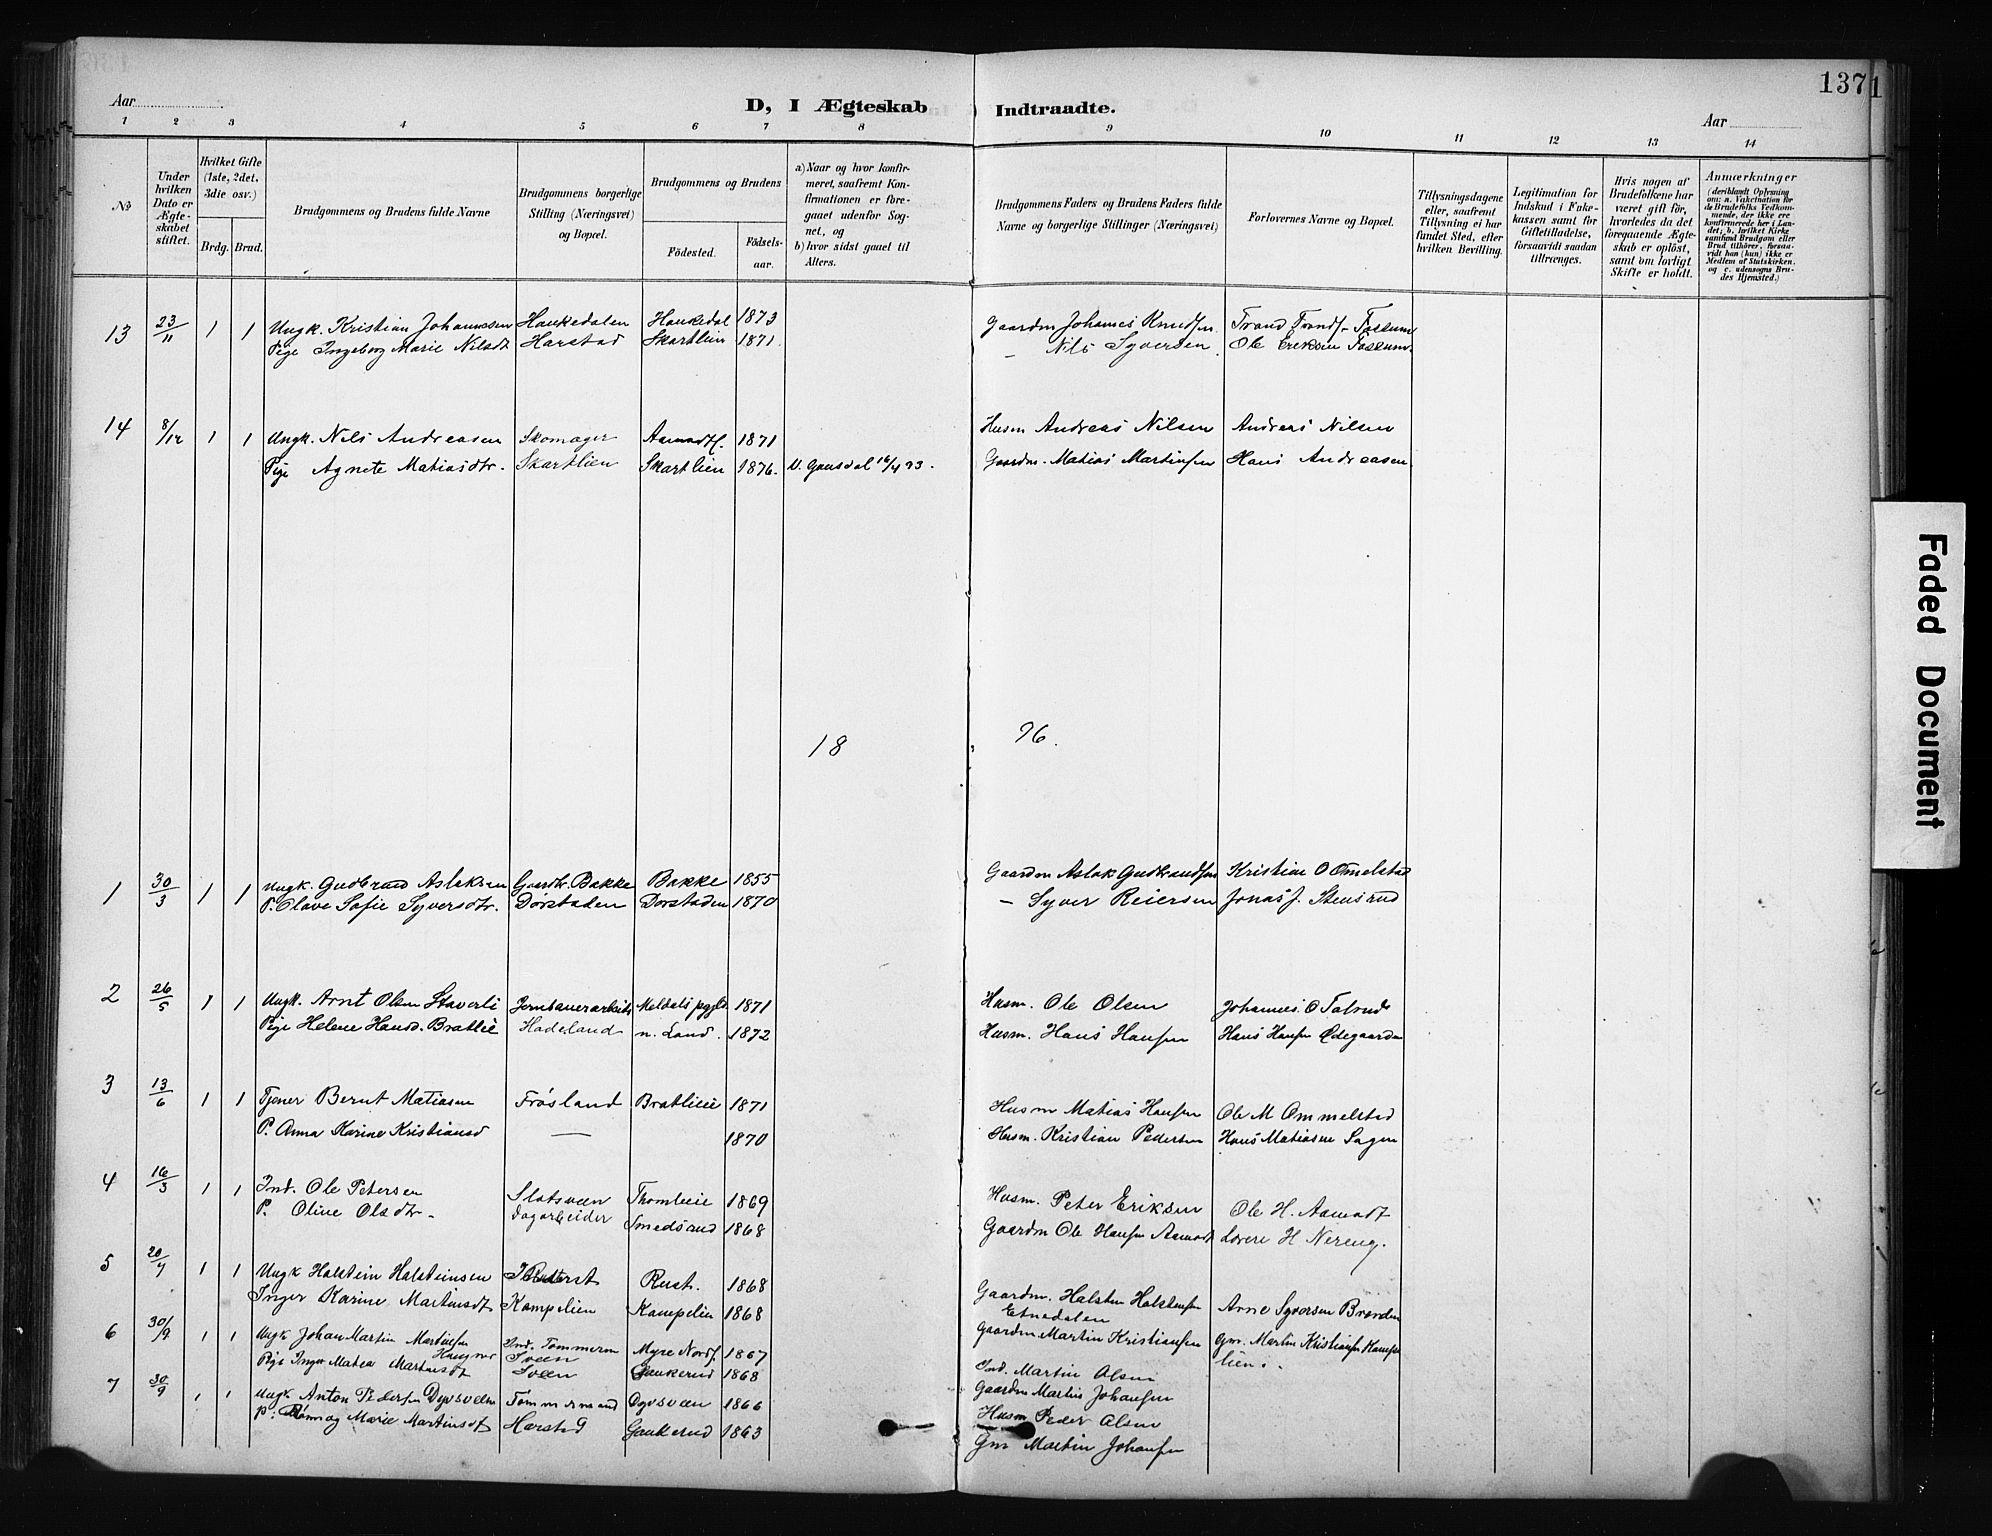 SAH, Nordre Land prestekontor, Klokkerbok nr. 12, 1891-1909, s. 137